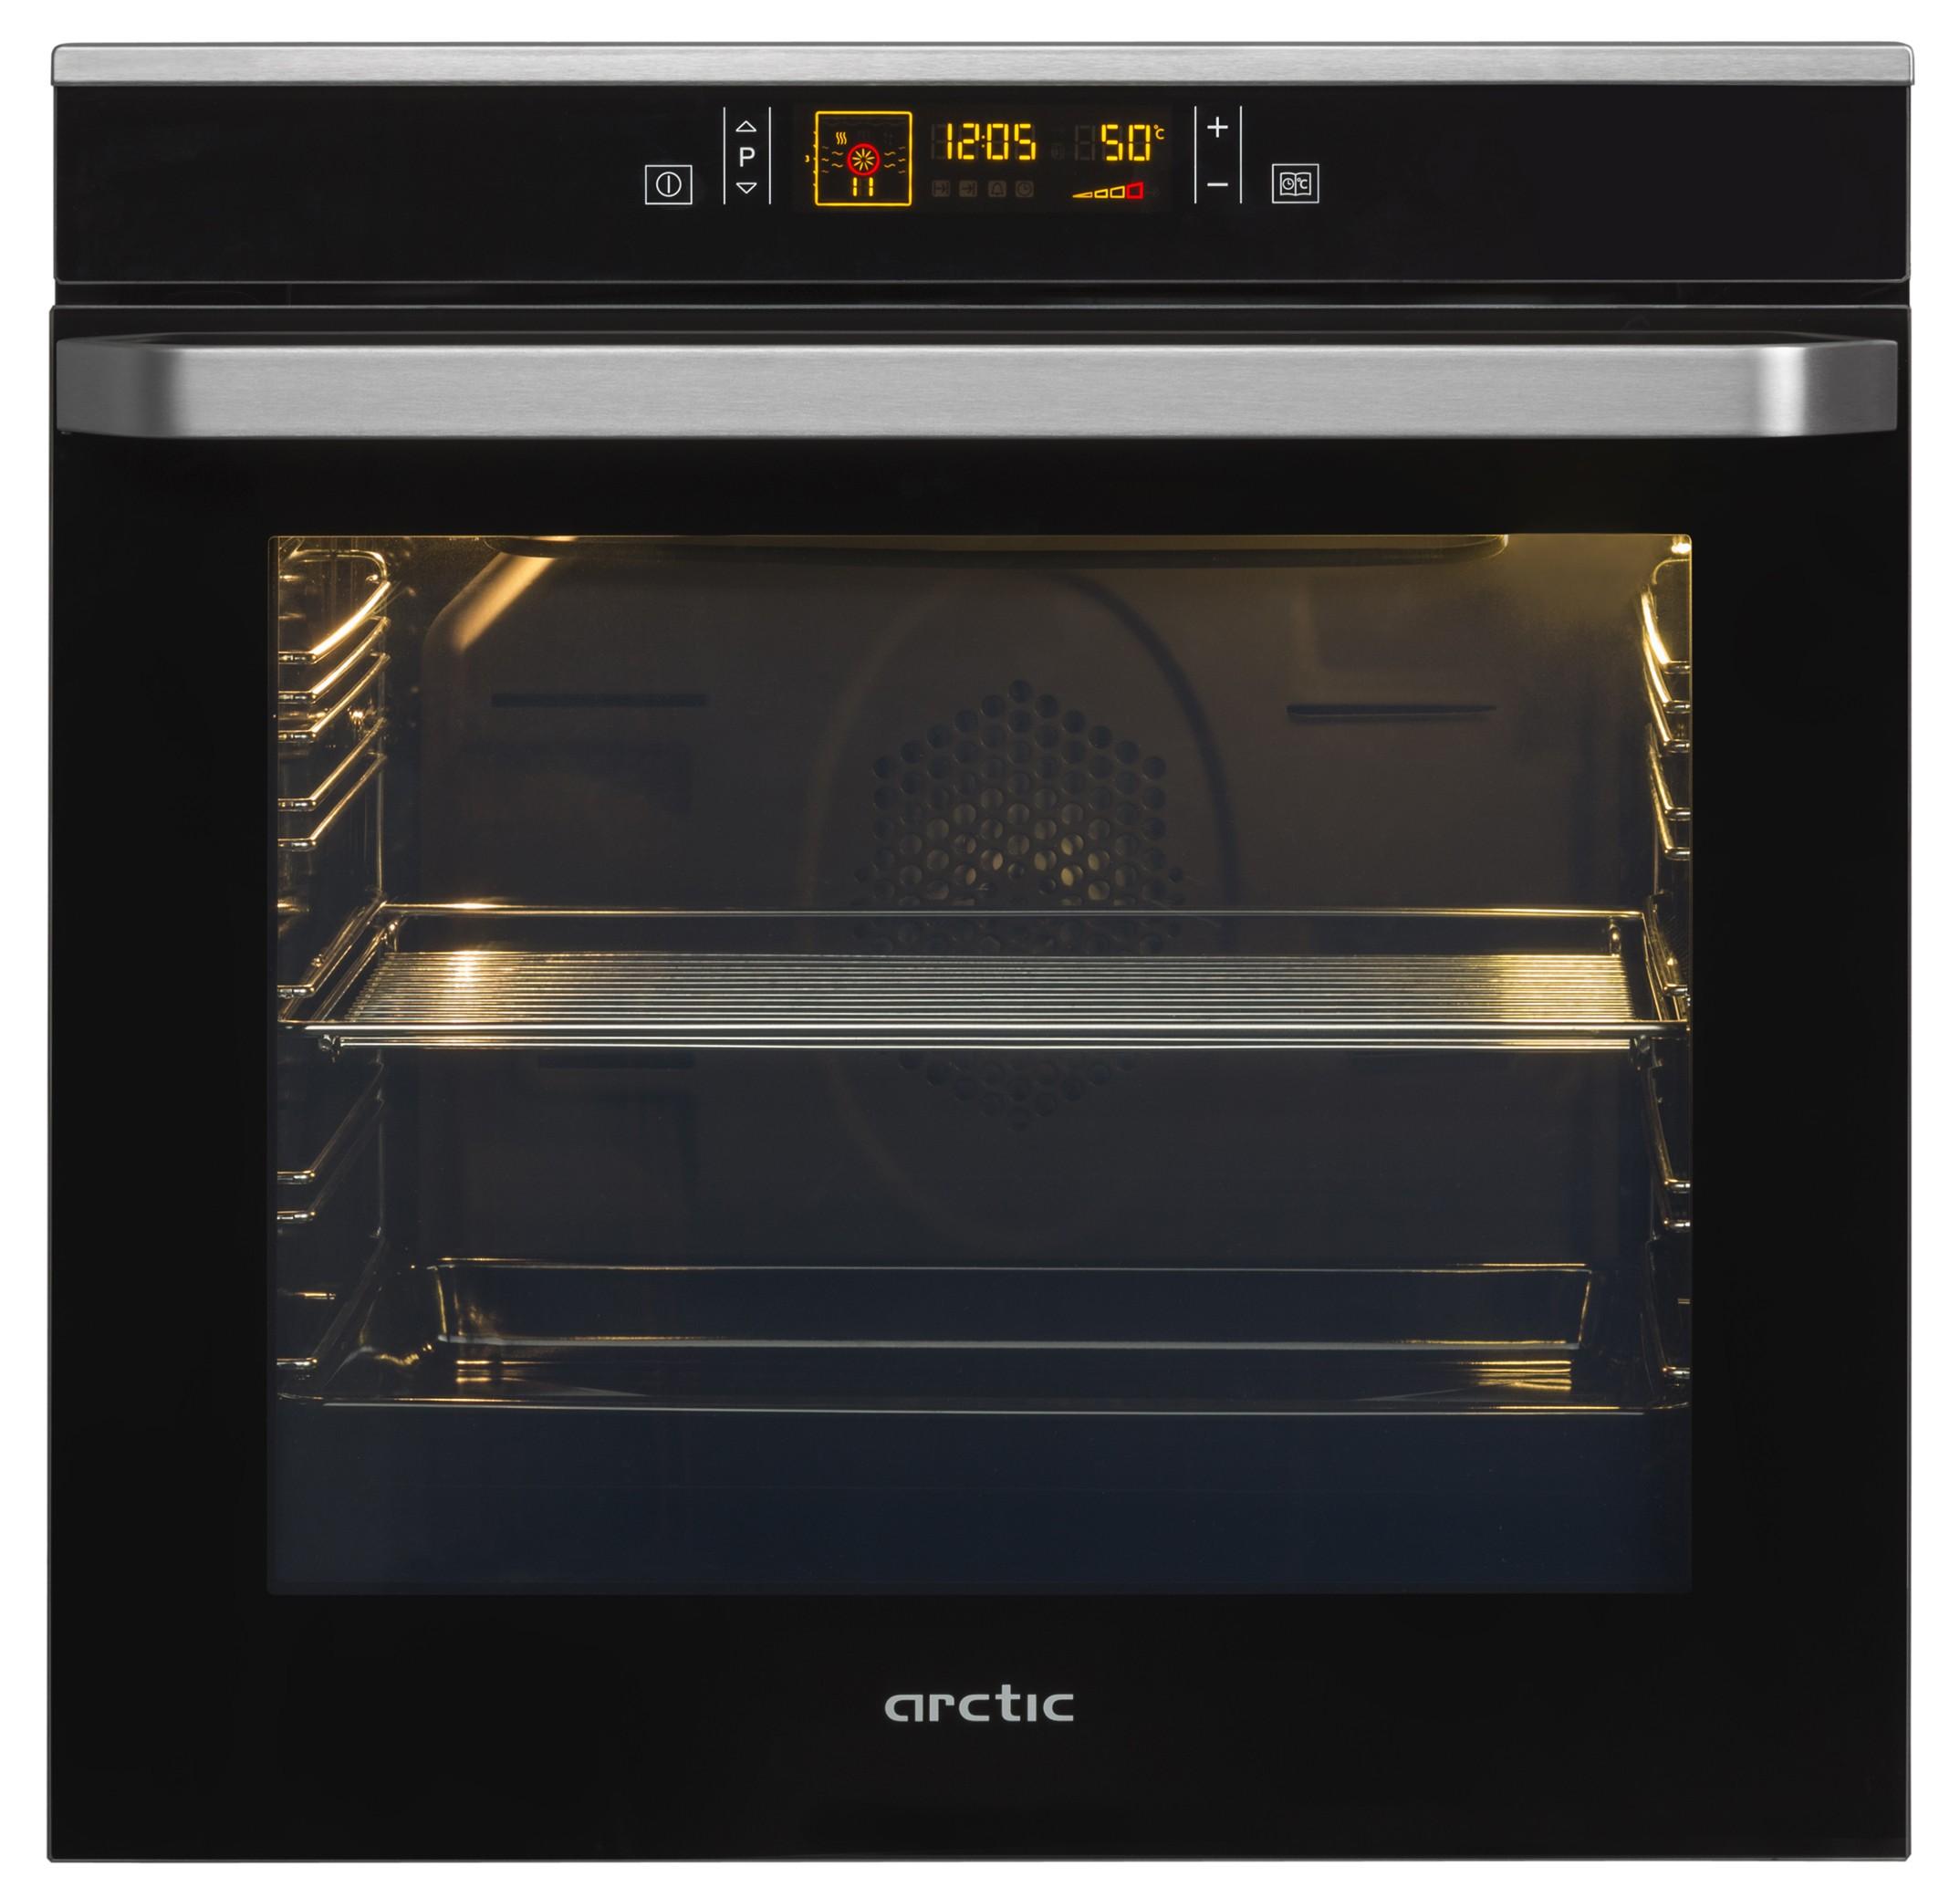 Cuptor incorporabil electric Arctic AROIM32400X, grill, clasa A, negru